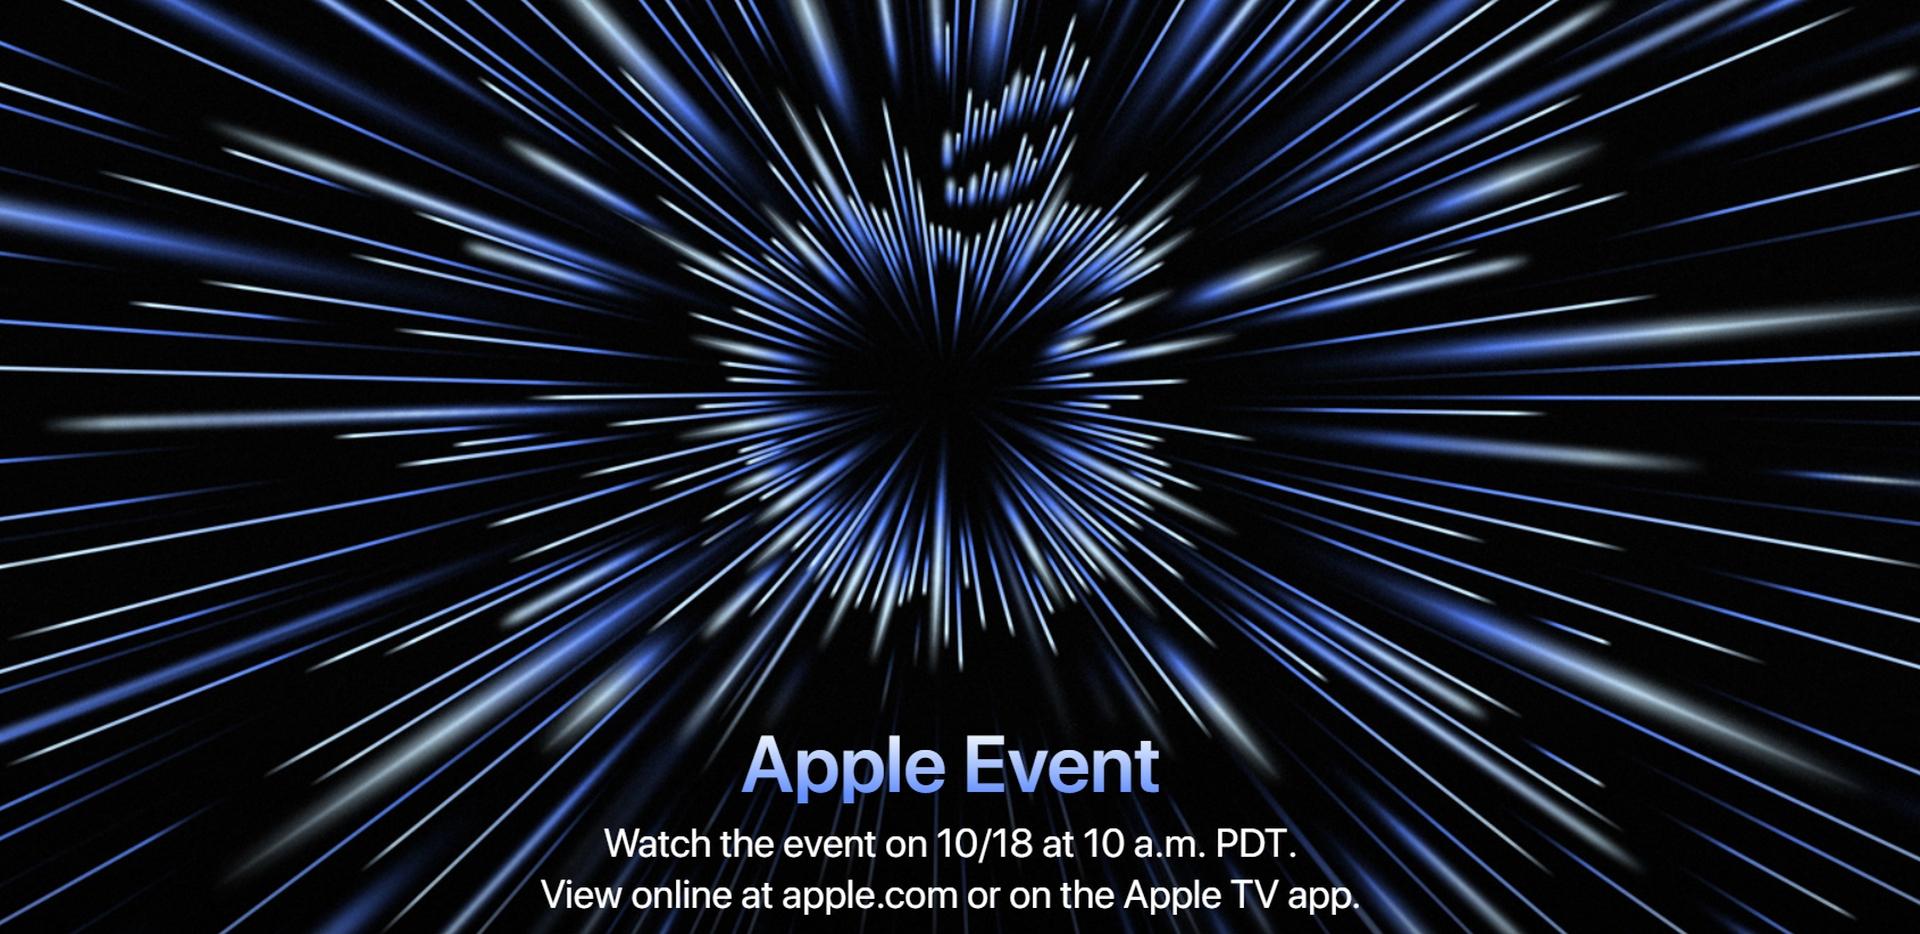 Kolejna konferencja firmy Apple ma się odbyć 18 października